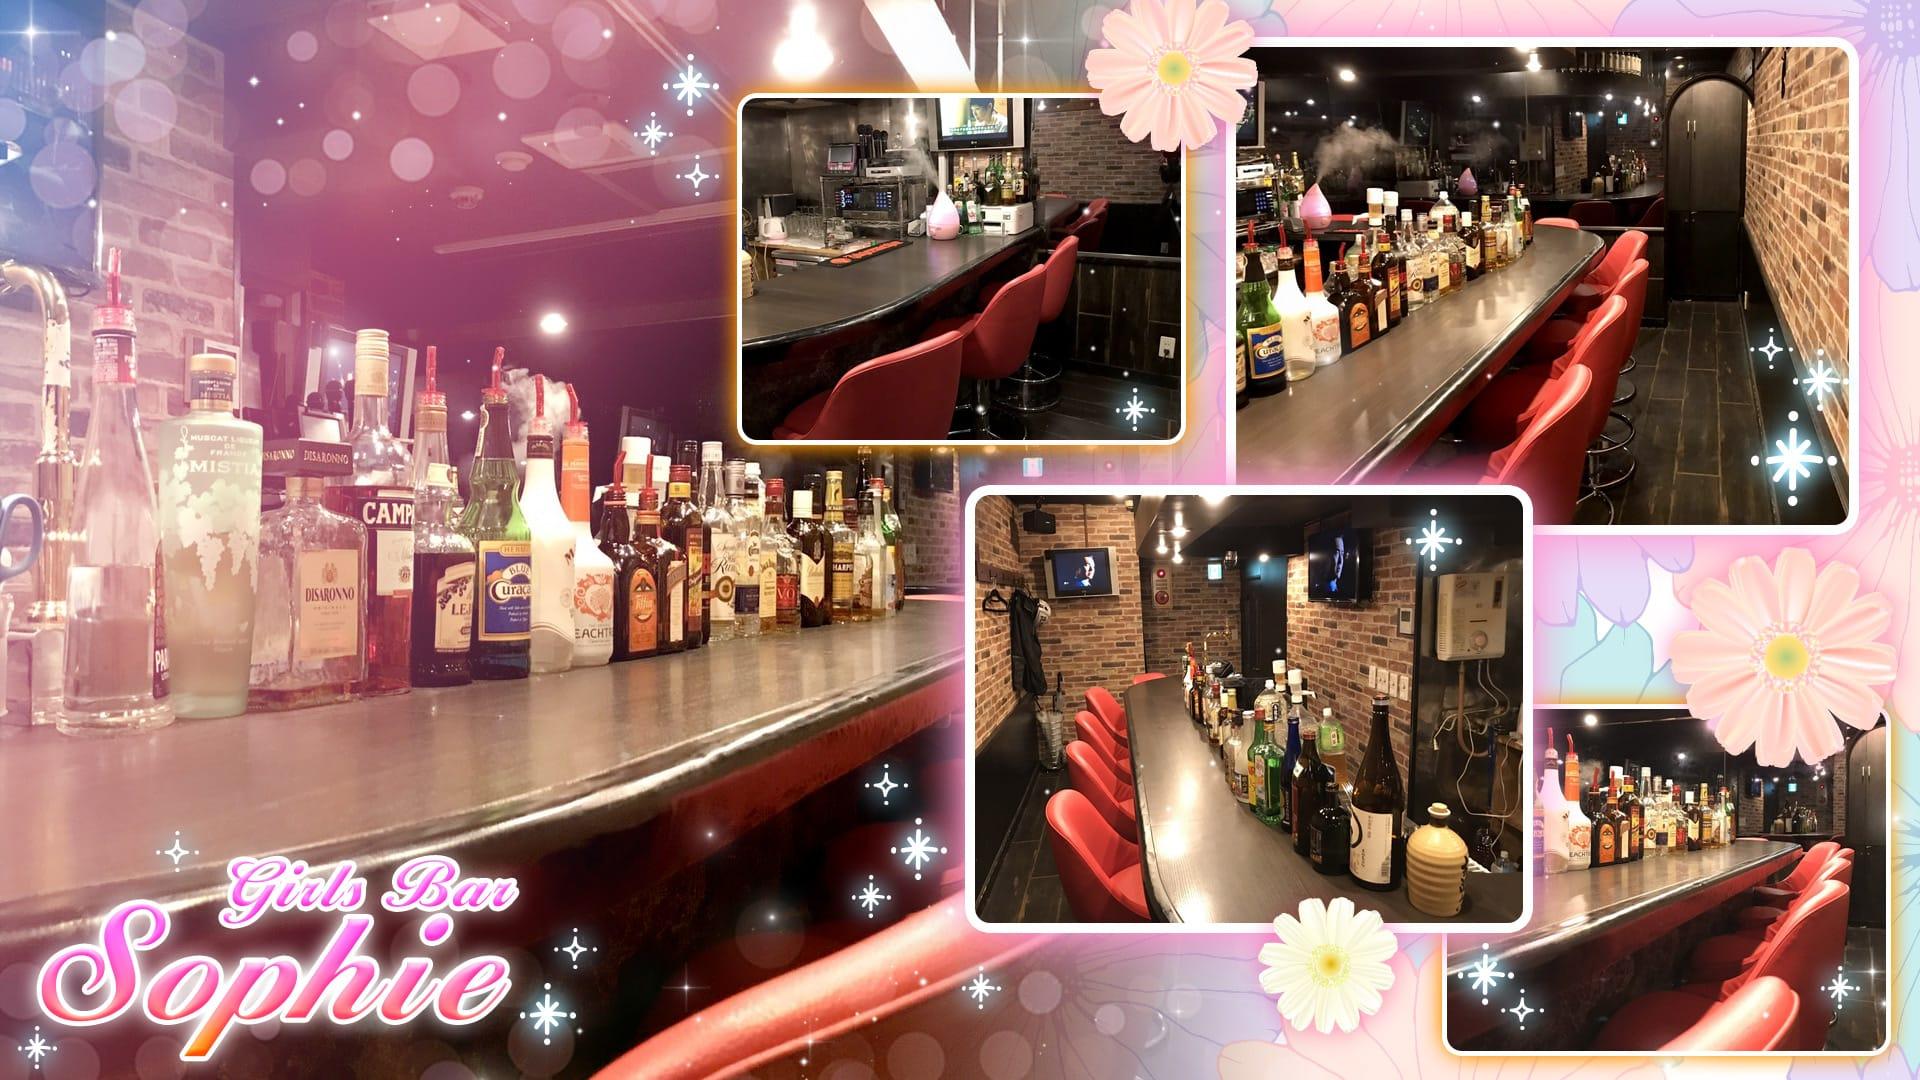 Girls Bar Sophie(ガールズバーソフィー) TOP画像